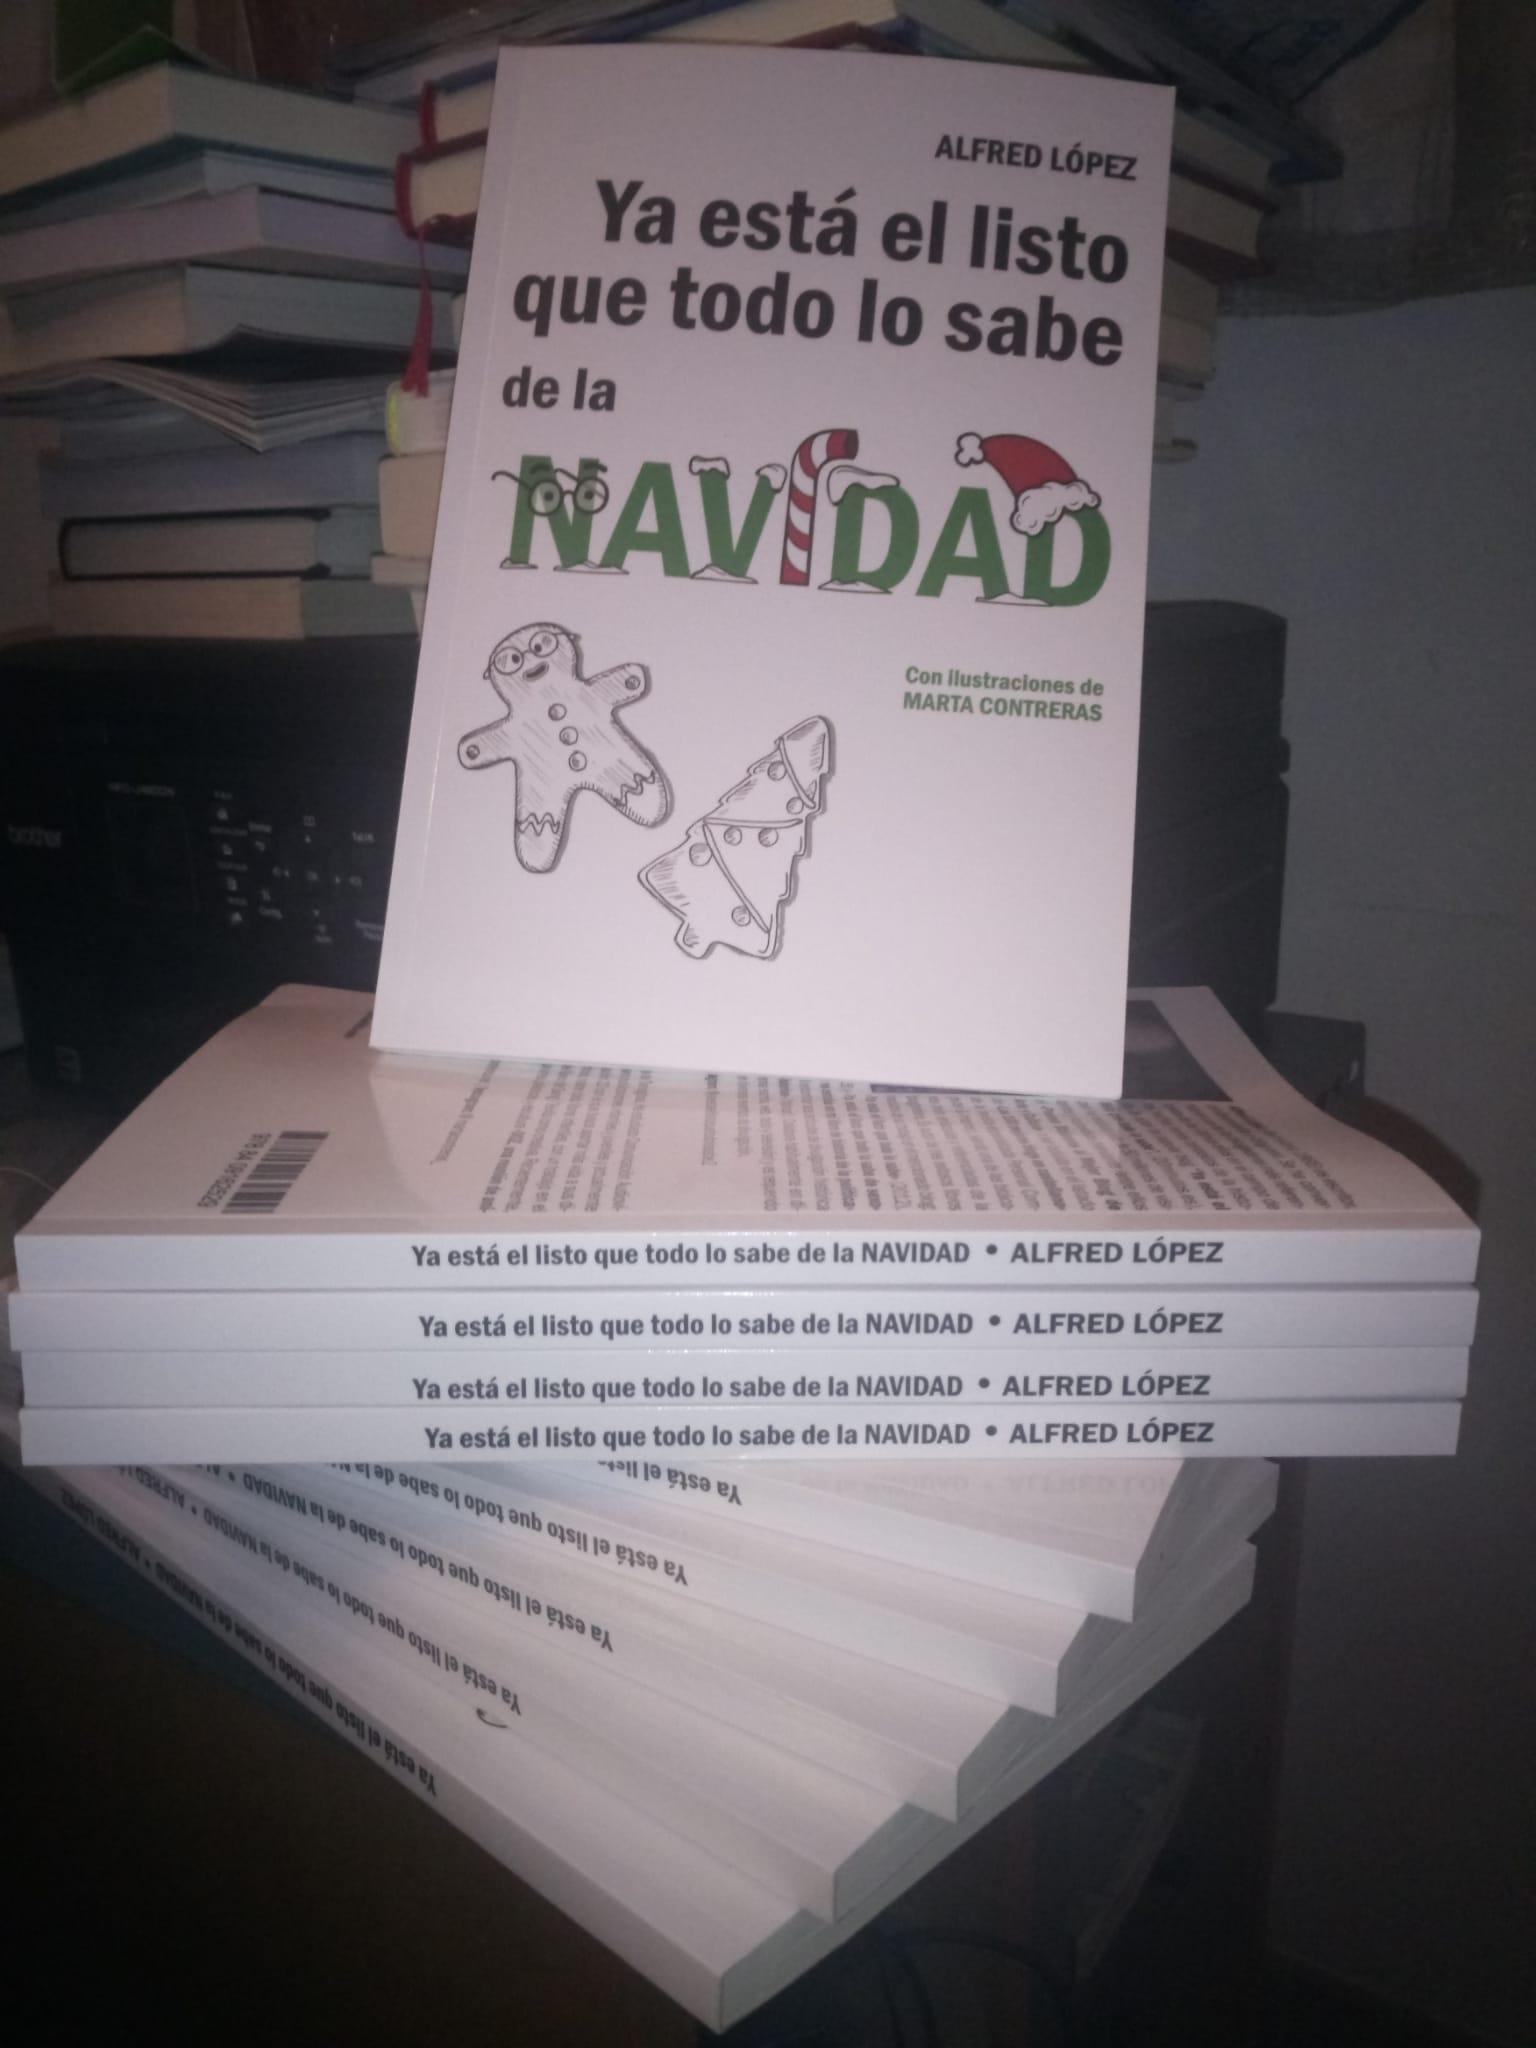 Ya está el listo que todo lo sabe de la NAVIDAD nuevo libro de Alfred López